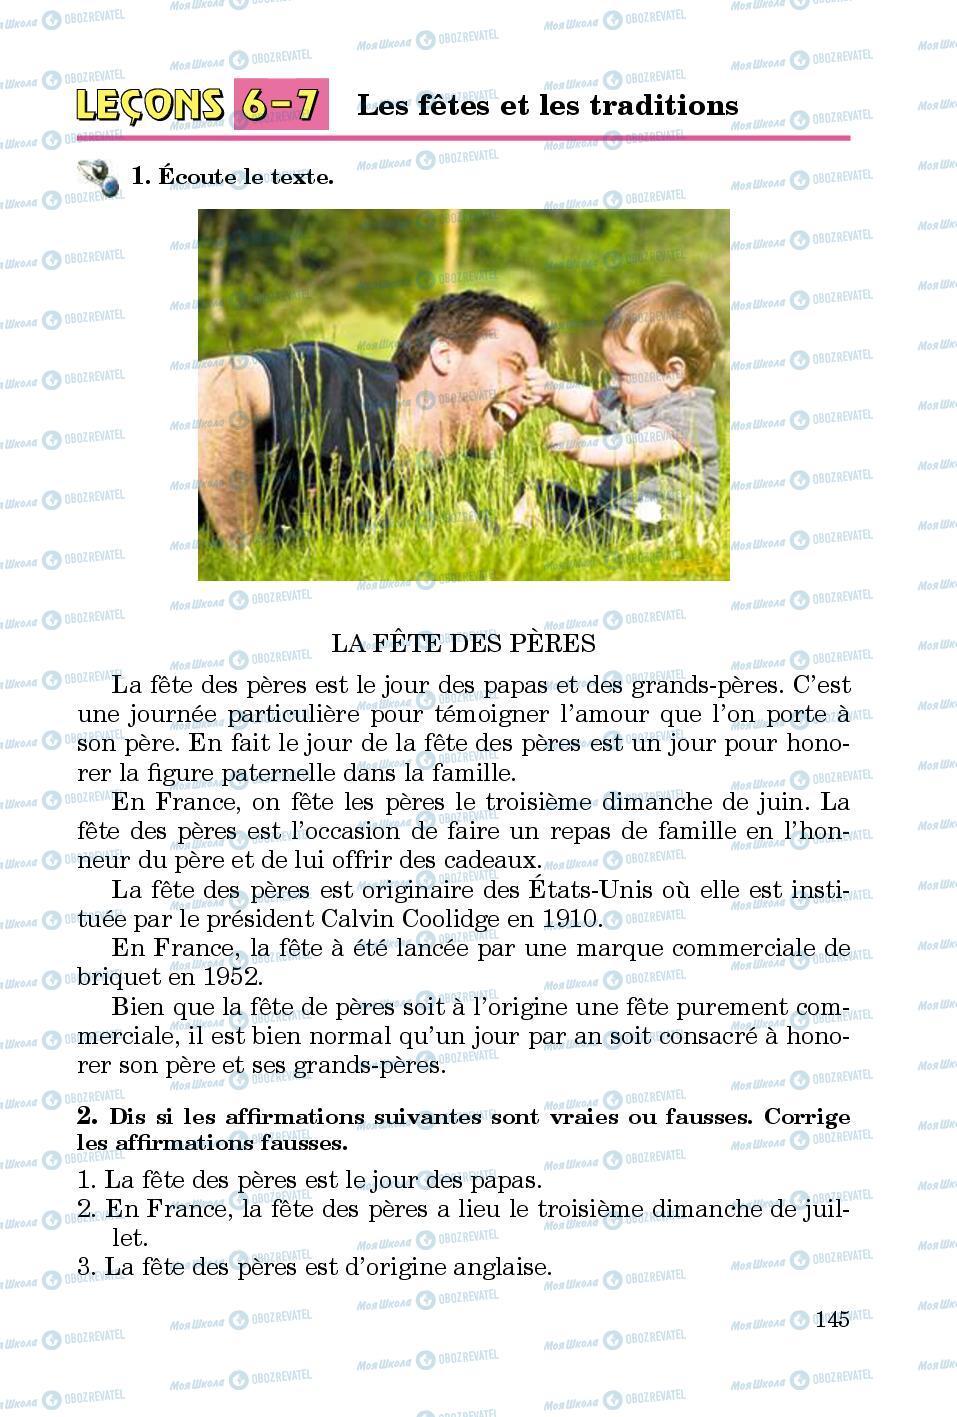 Підручники Французька мова 5 клас сторінка 145